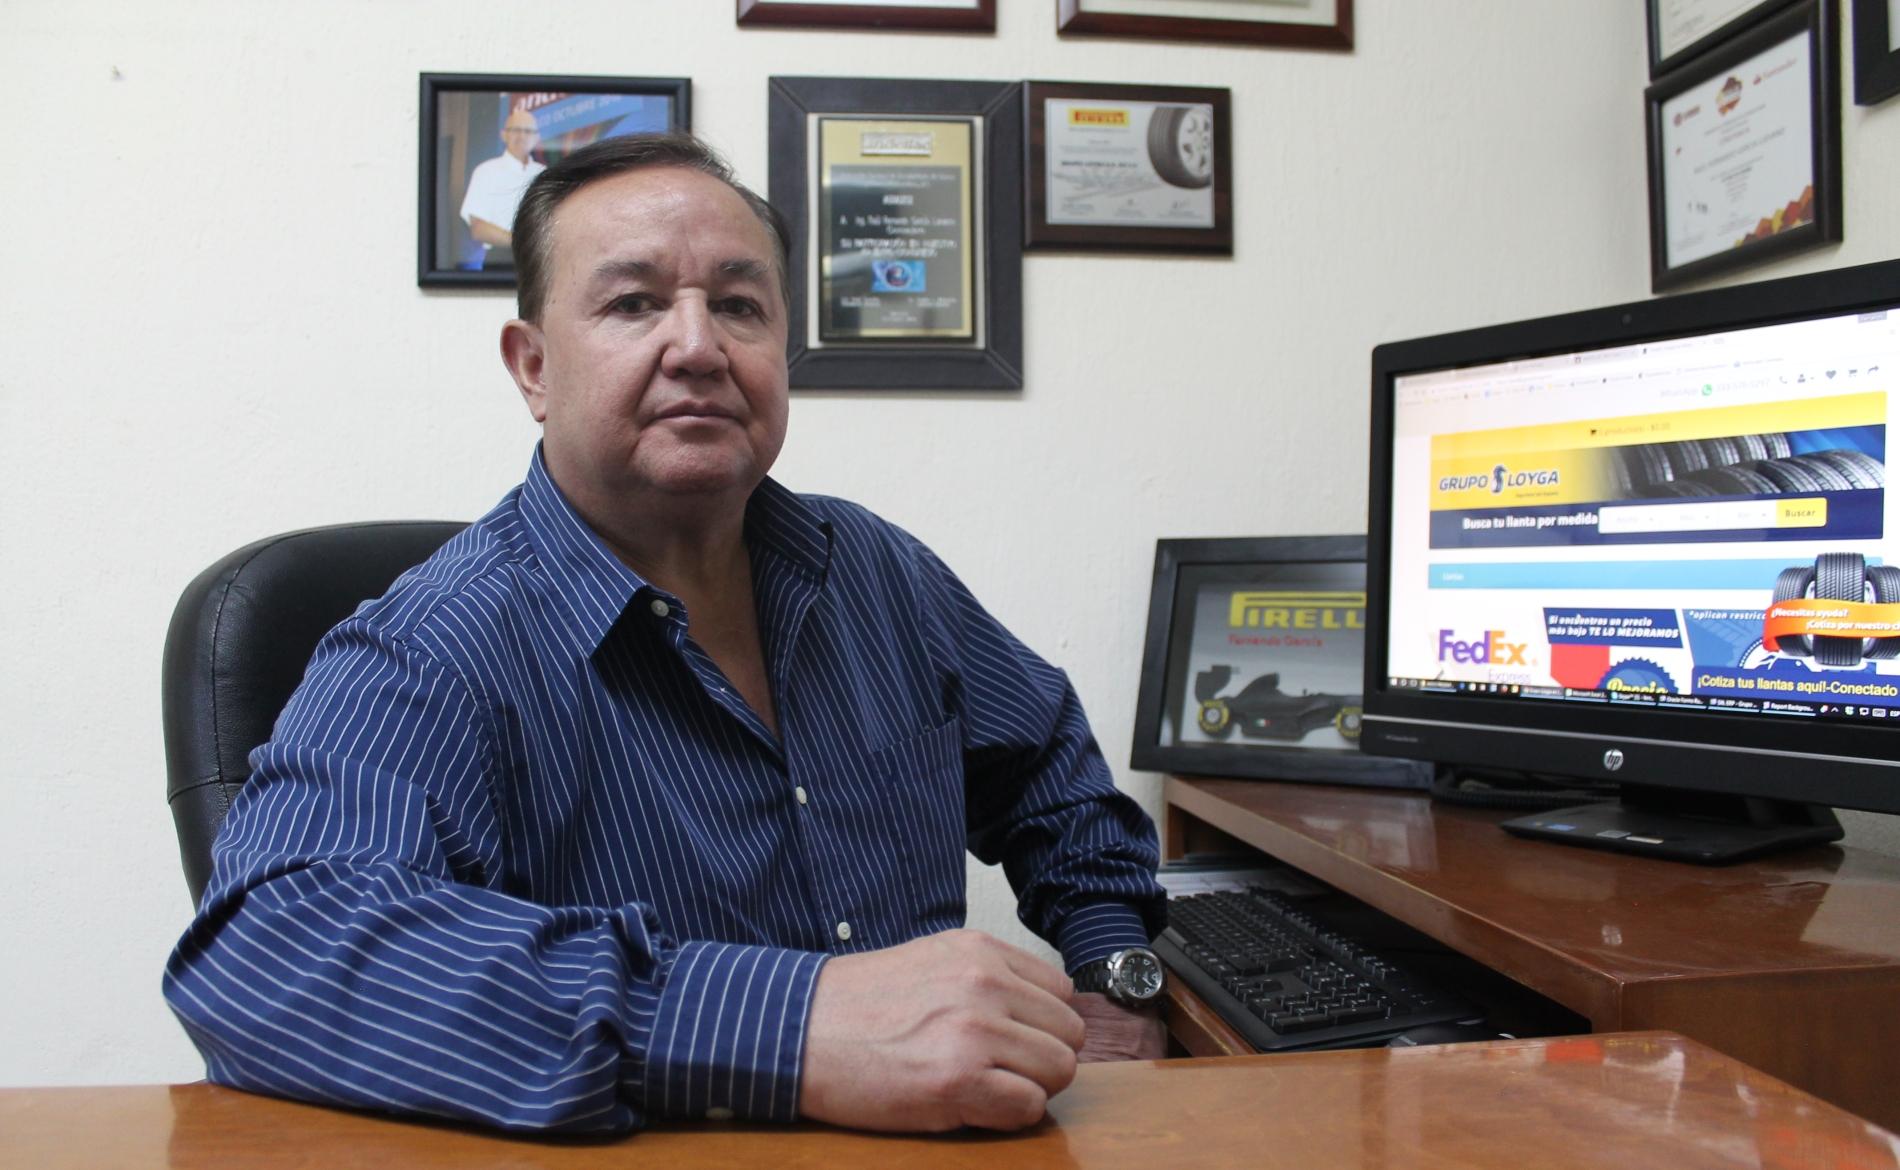 Andellac estrena presidente en su Expo Congreso 2017